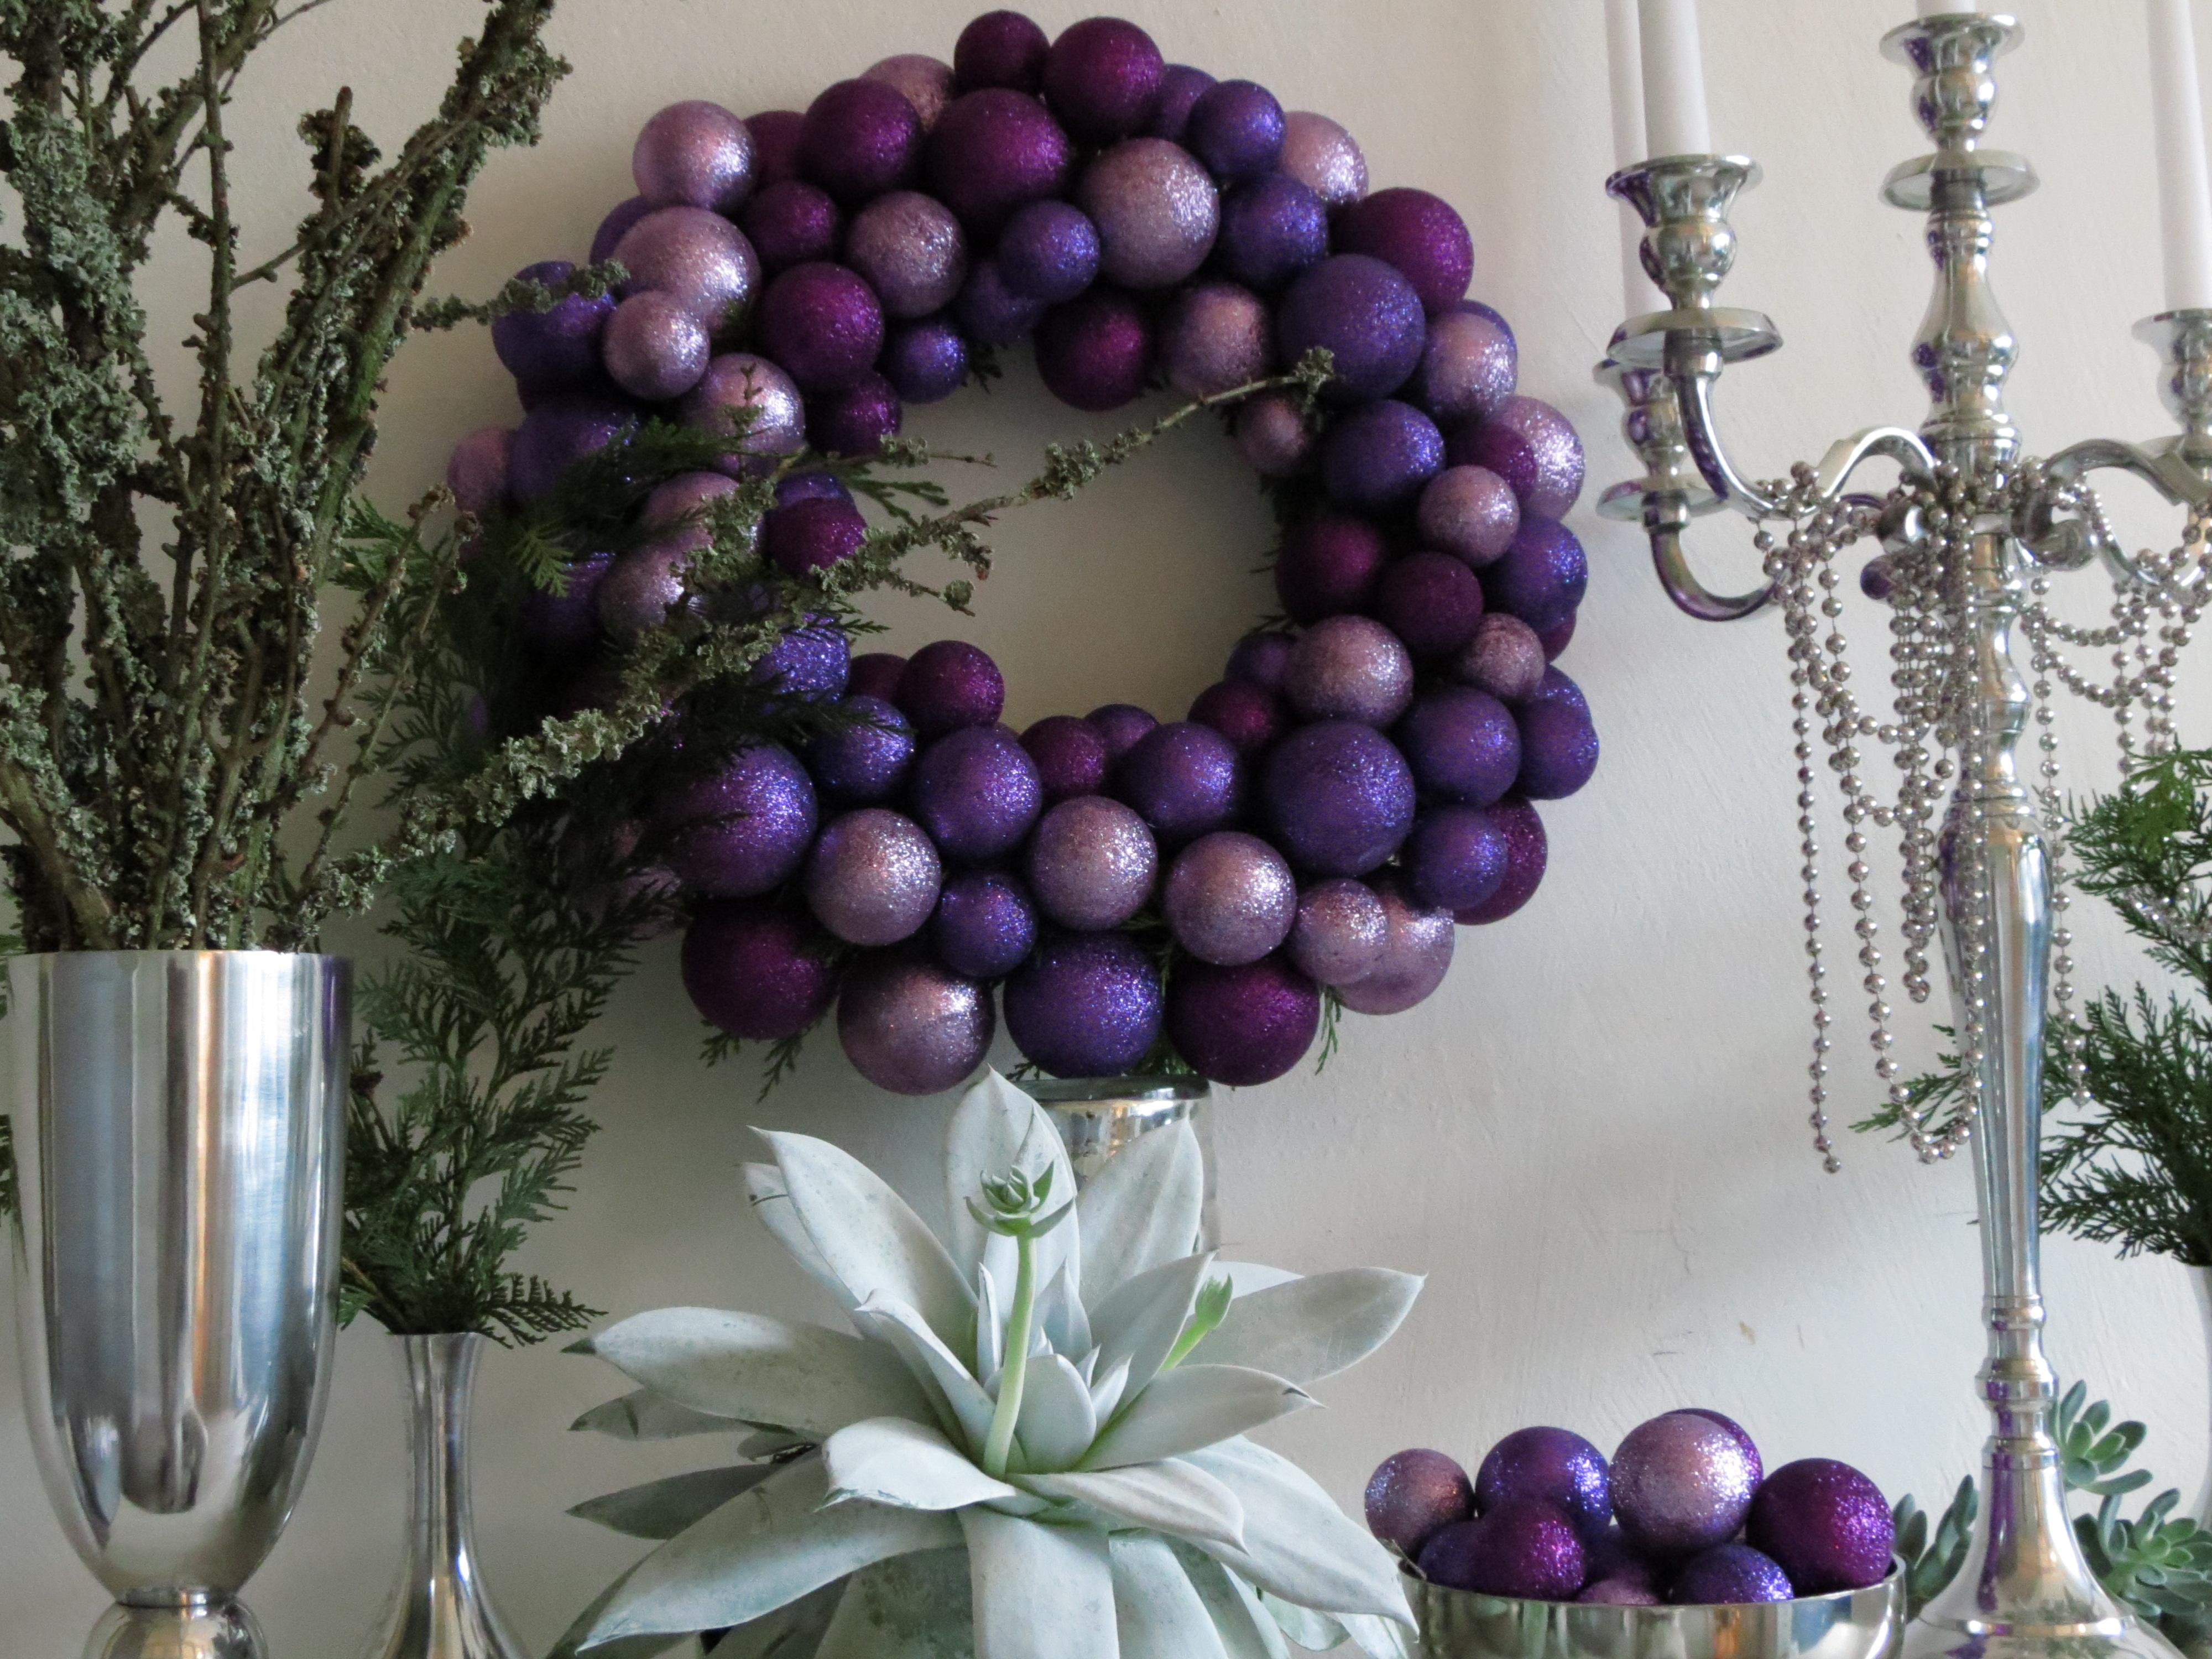 dekor/novogodnie-cvetochnye-kompozicii-v-stile-provans-11.jpg